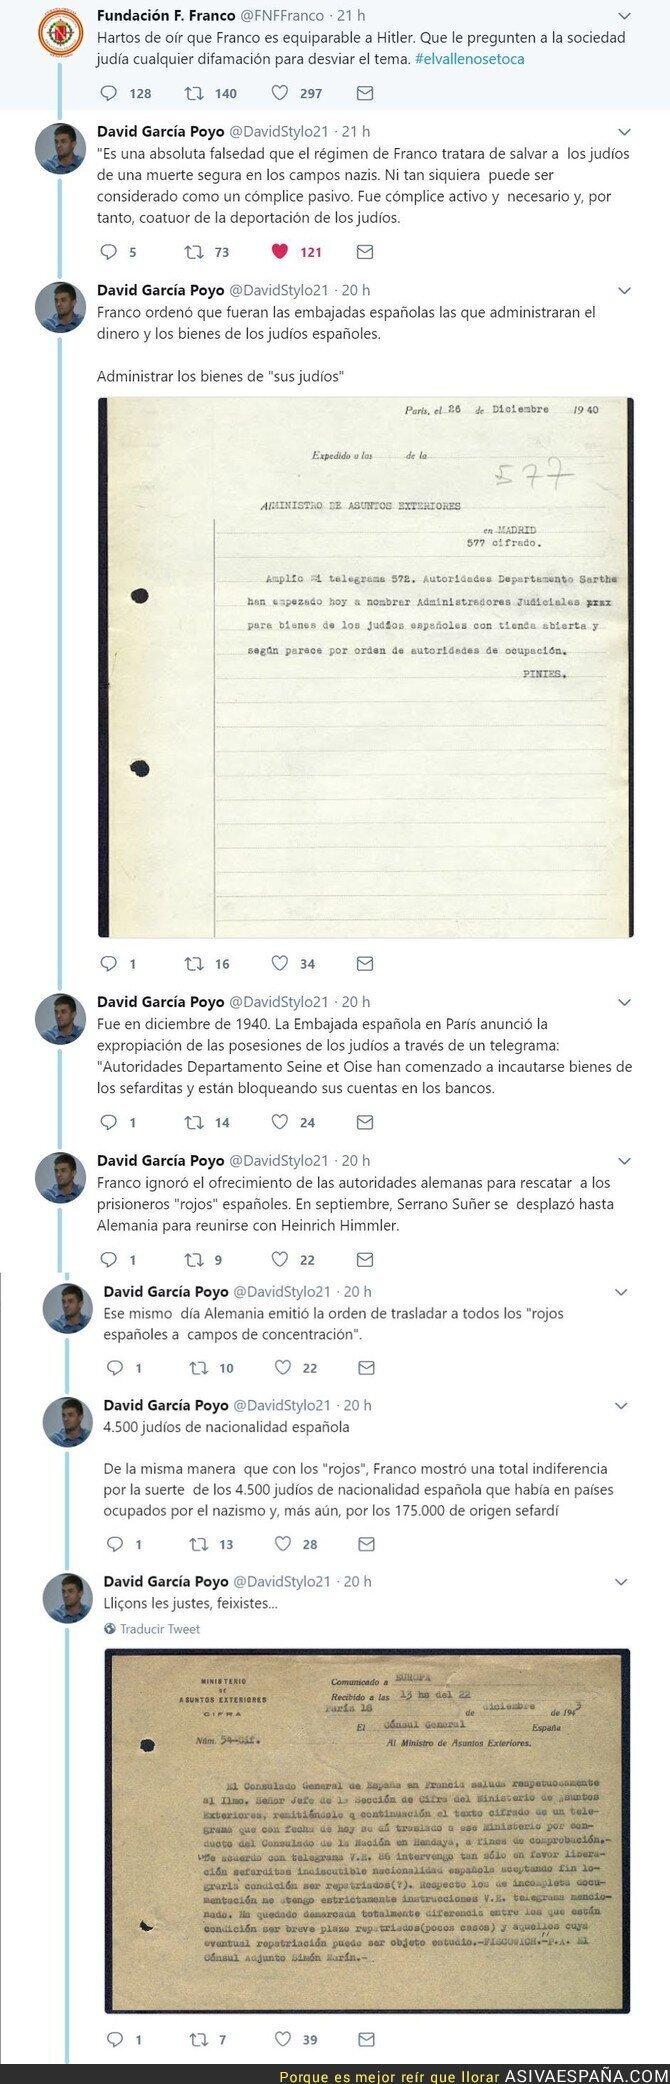 89232 - Desmintiendo el bulo de que Franco ayudó a salvar a los judios